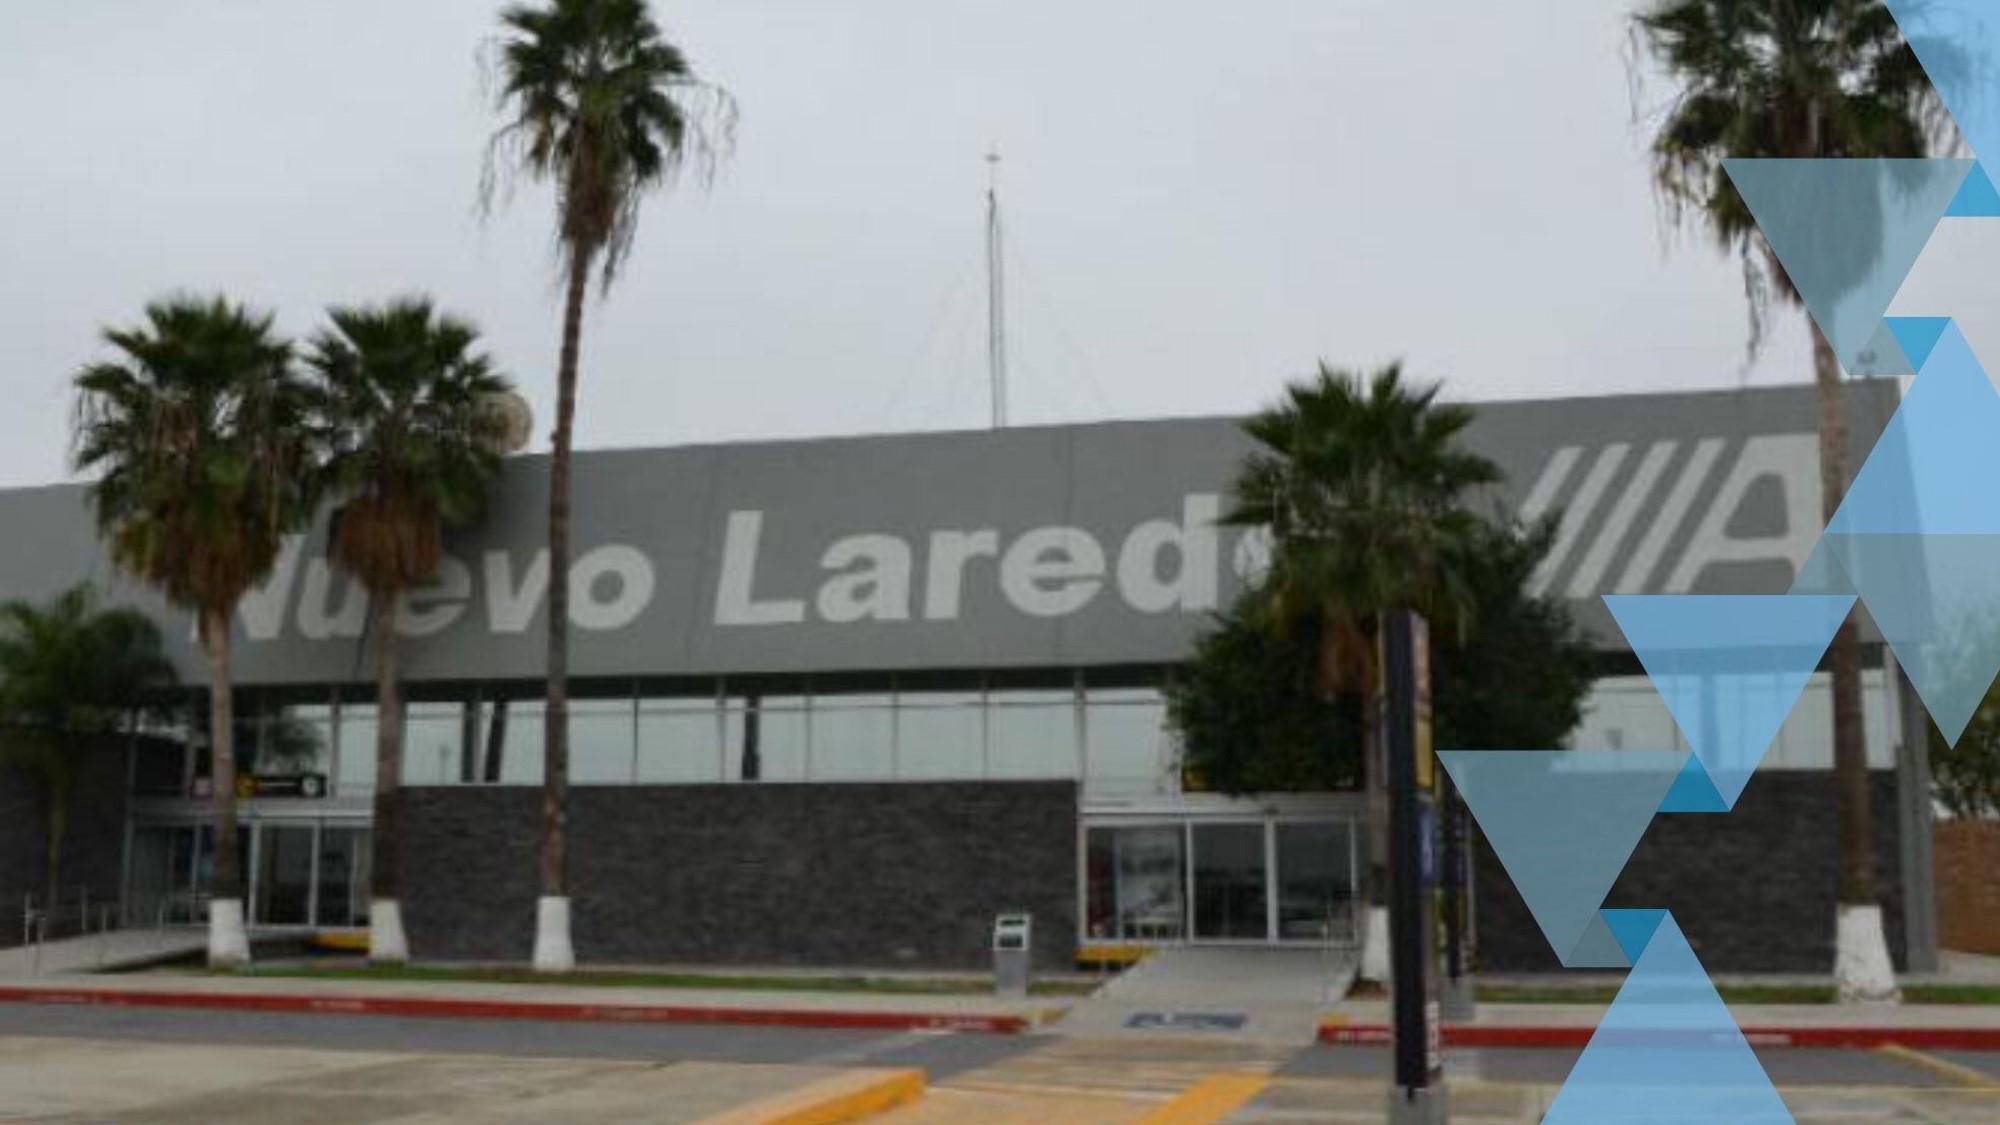 El Aeropuerto Internacional de Nuevo Laredo  se reporta listo para iniciar operaciones comerciales